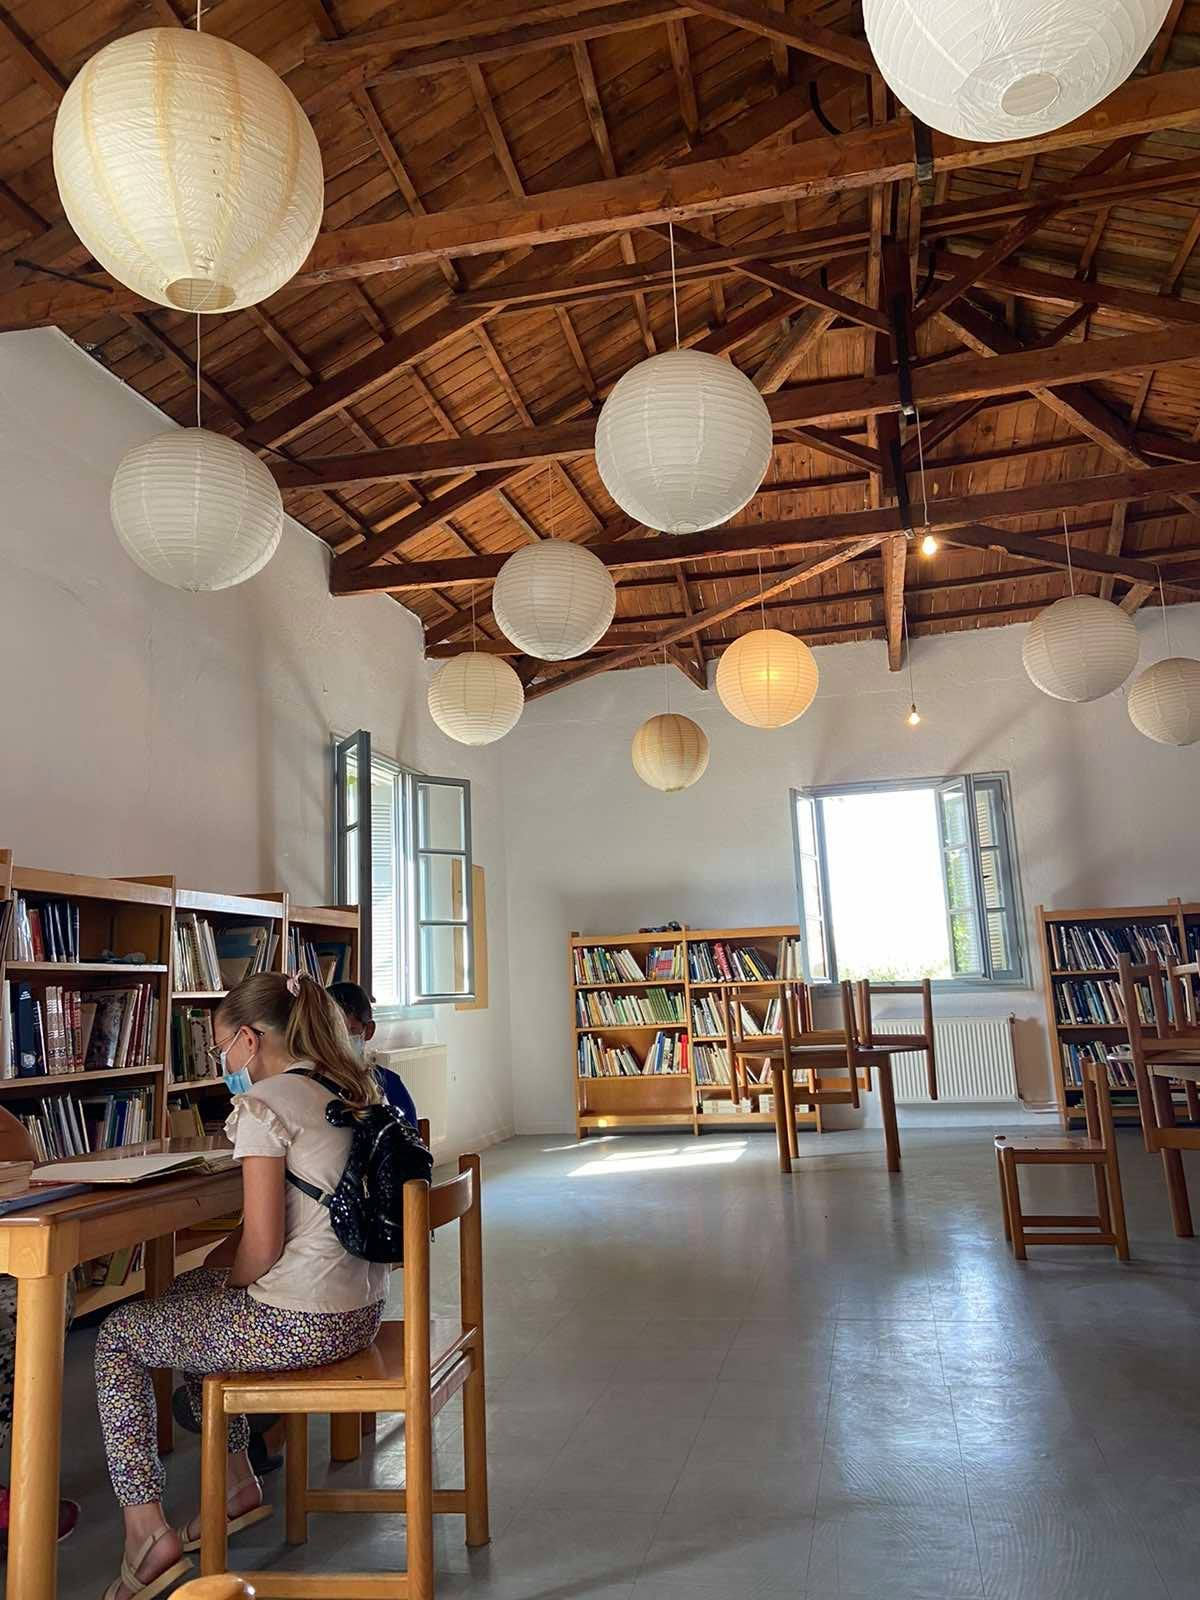 Ολοκληρώνονται τα εκπαιδευτικά δημιουργικά εργαστήρια για παιδιά από τον Δήμο ΜΑΡΩΝΕΙΑΣ-ΣΑΠΩΝ